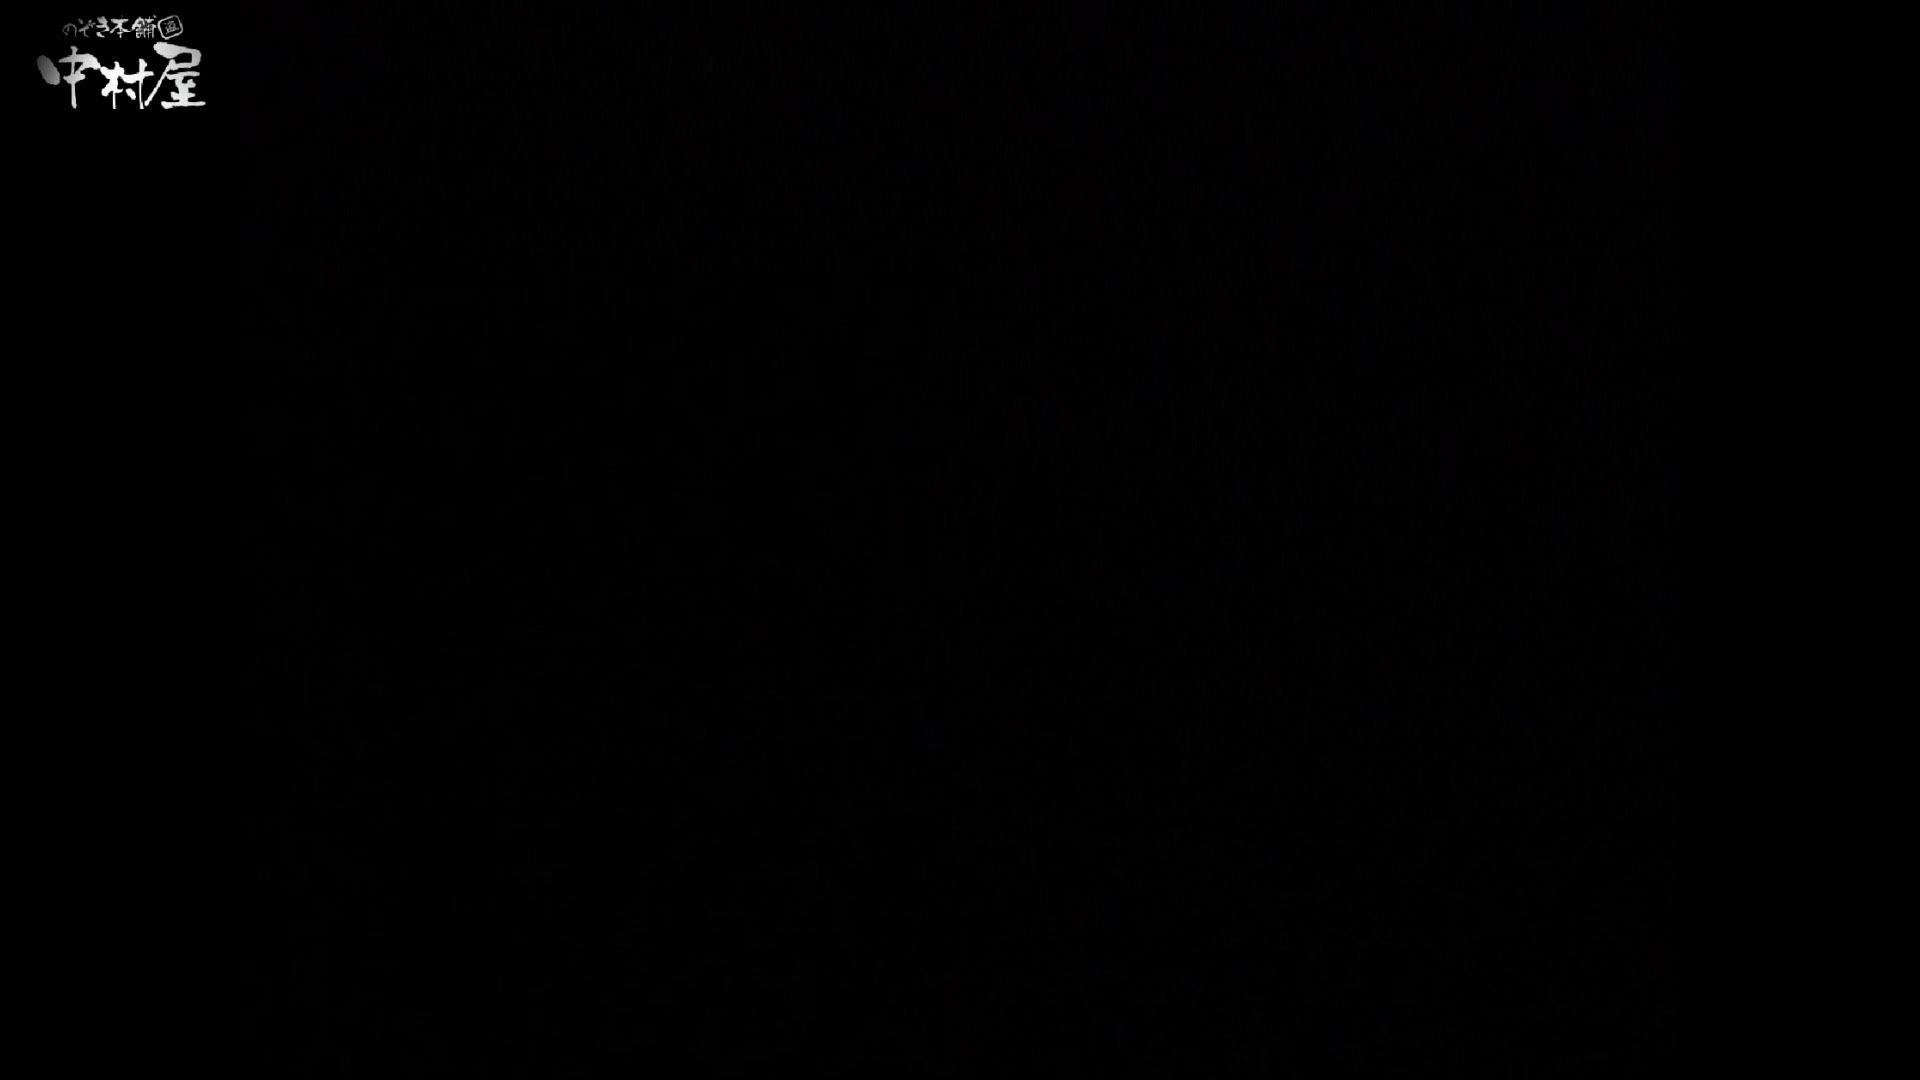 民家風呂専門盗撮師の超危険映像 vol.018 OLのエロ生活 ぱこり動画紹介 97連発 8